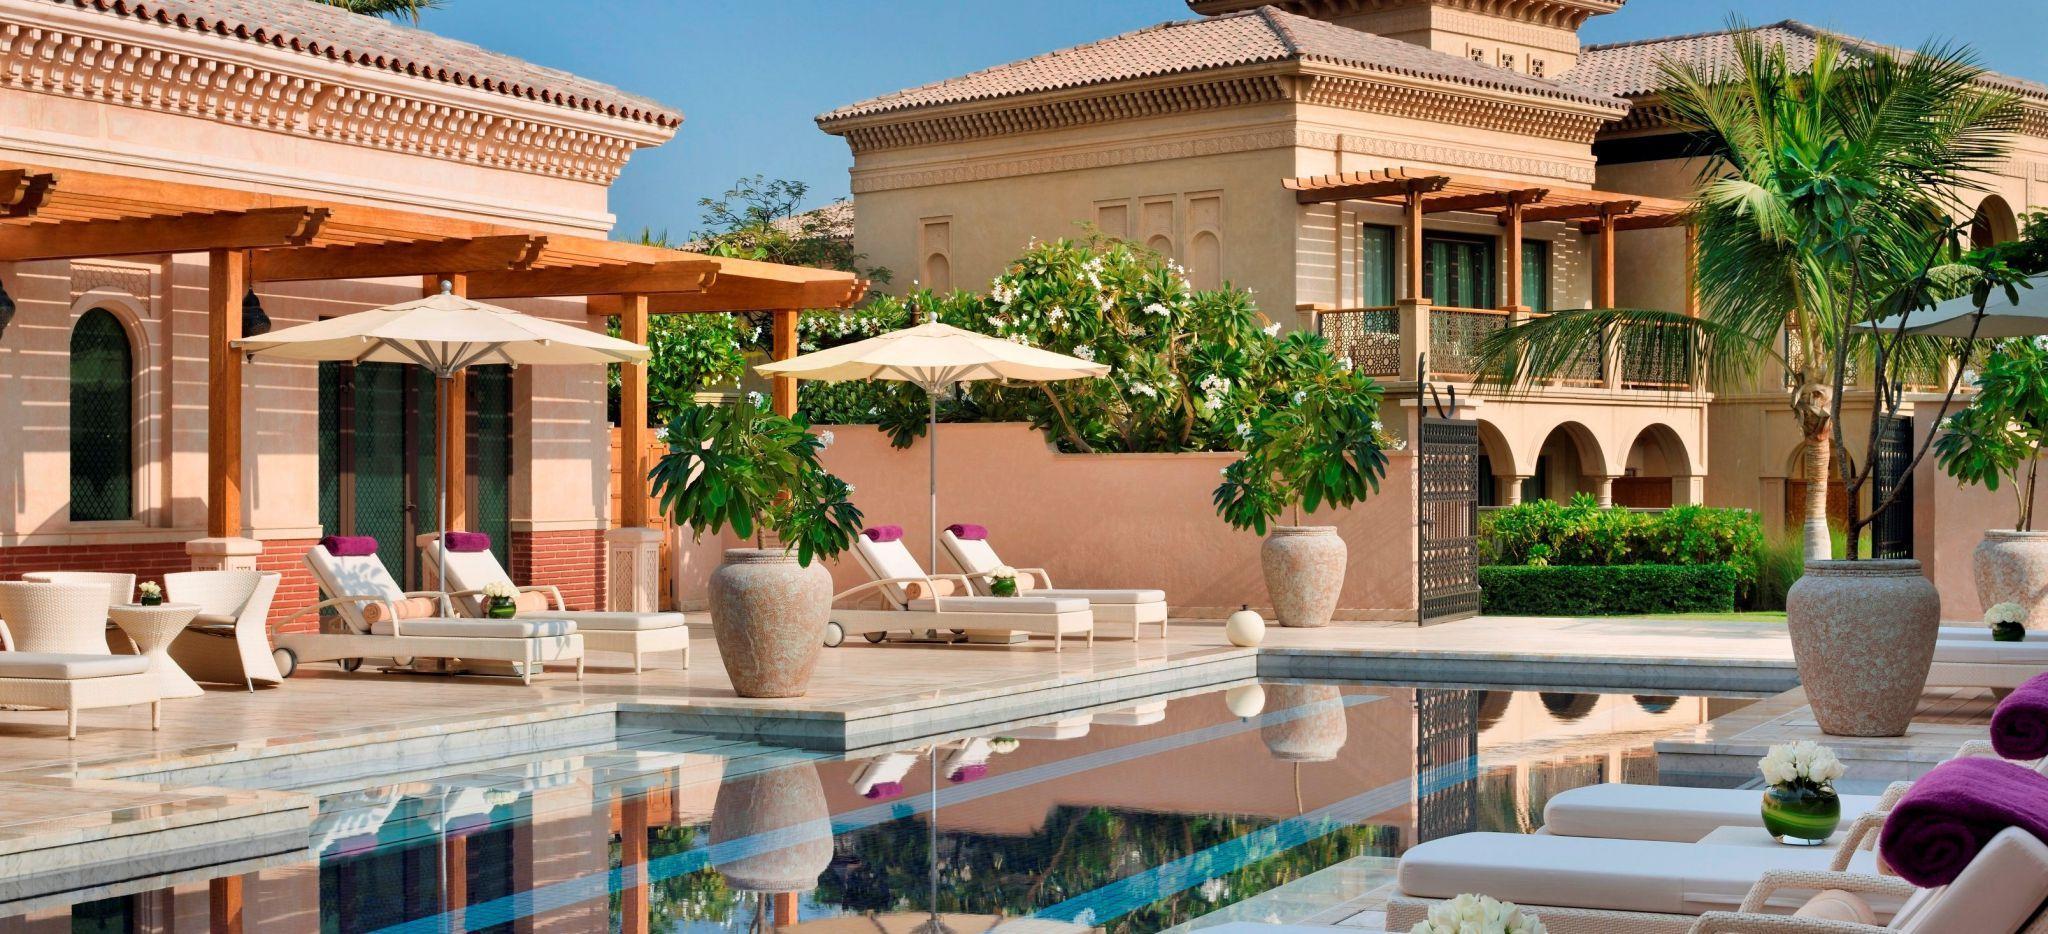 """Erwachsenen-pool des Hotels """"One&Only The Palm"""", mit Strandliegen und Mediterranen Häusern"""